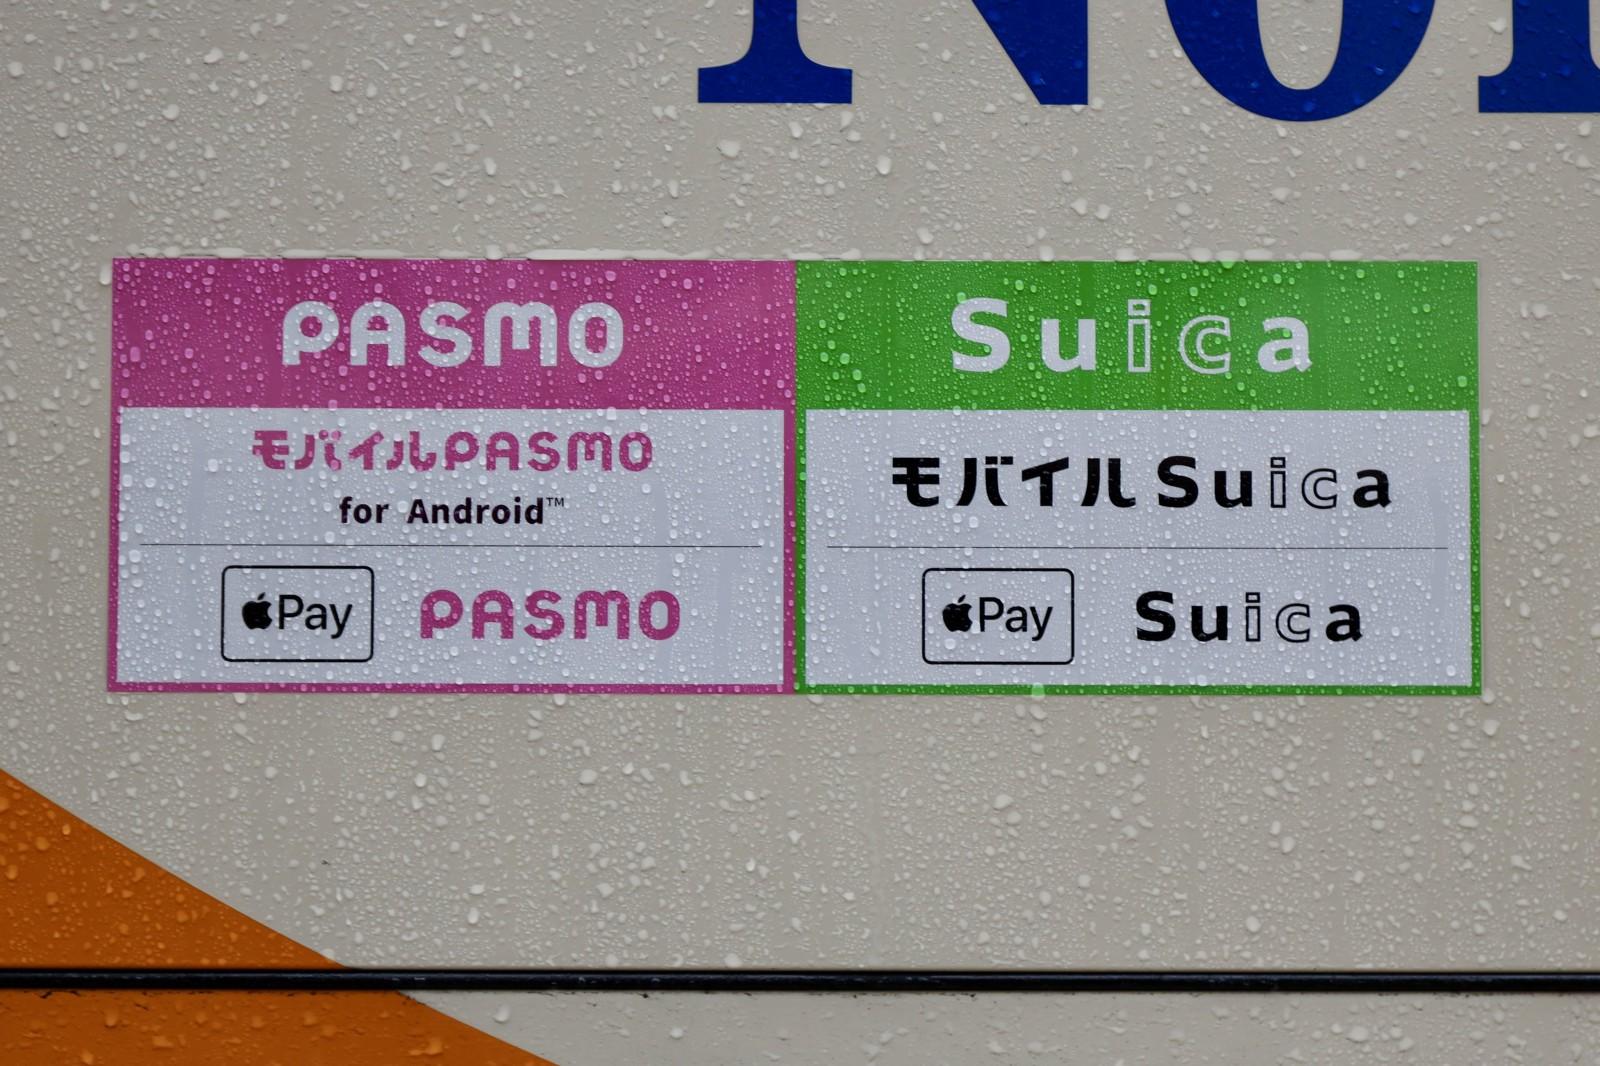 9月30日にてバス特・乗継割引終了、ToKoPoに一本化